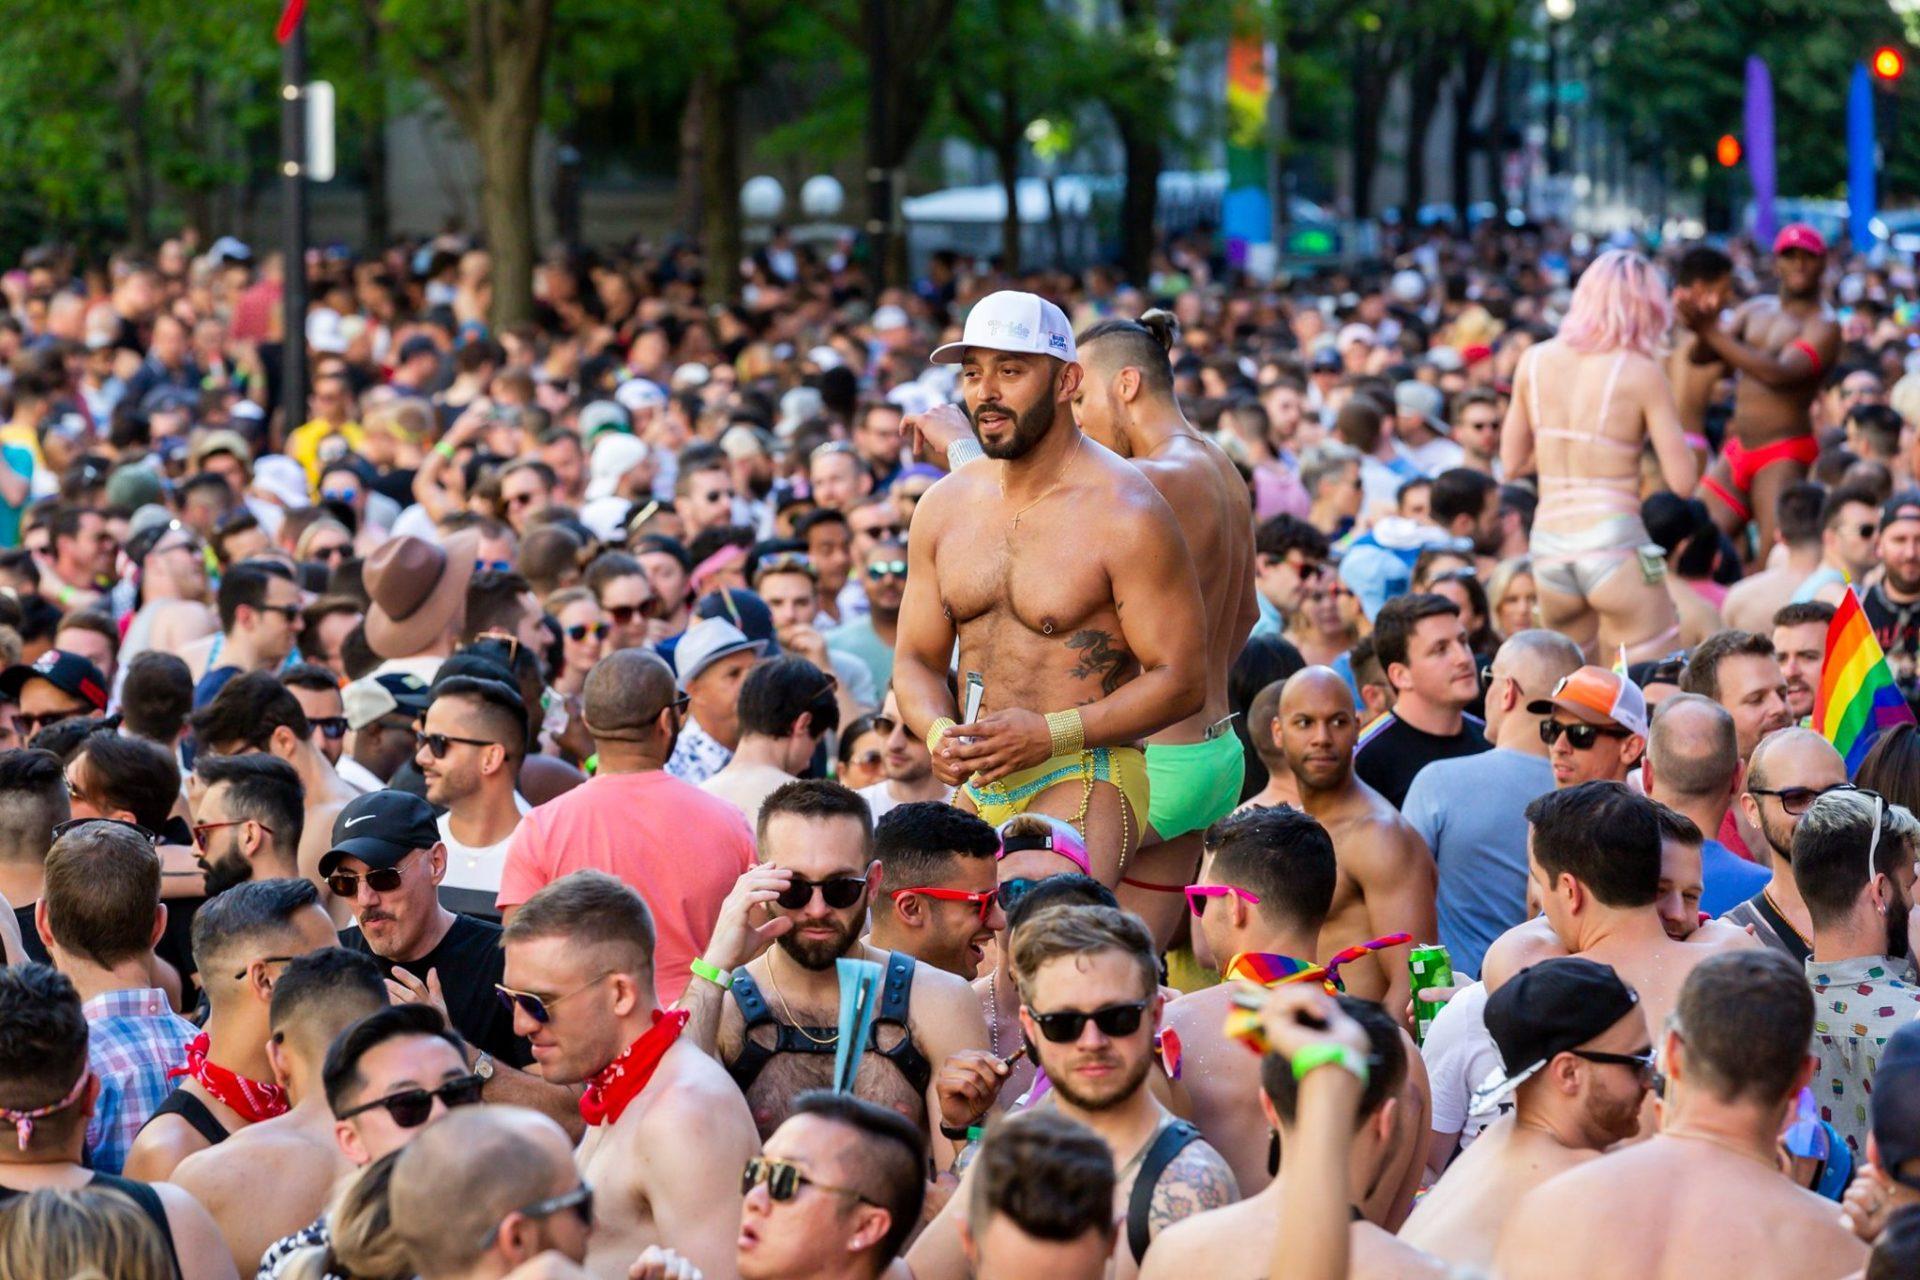 Le, après plusieurs mois de spéculations dans la presse, Jenner révèle Only 21 percent of LGBT Americans are.